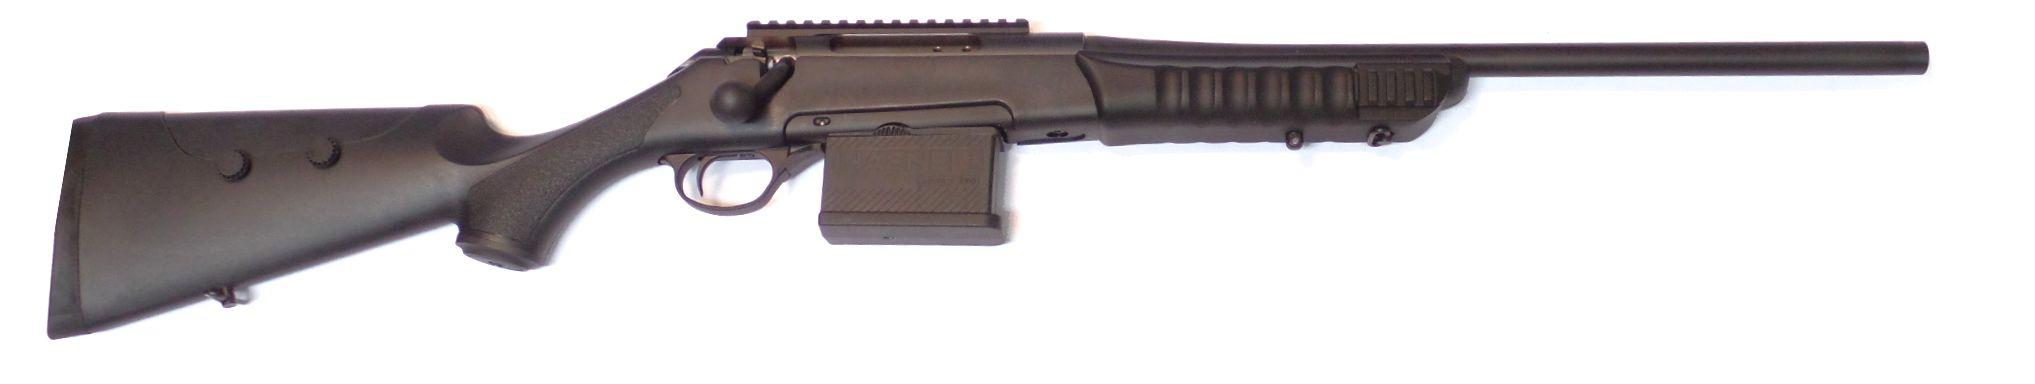 Chargeur HAENEL Jaeger 10VSP calibre 308W